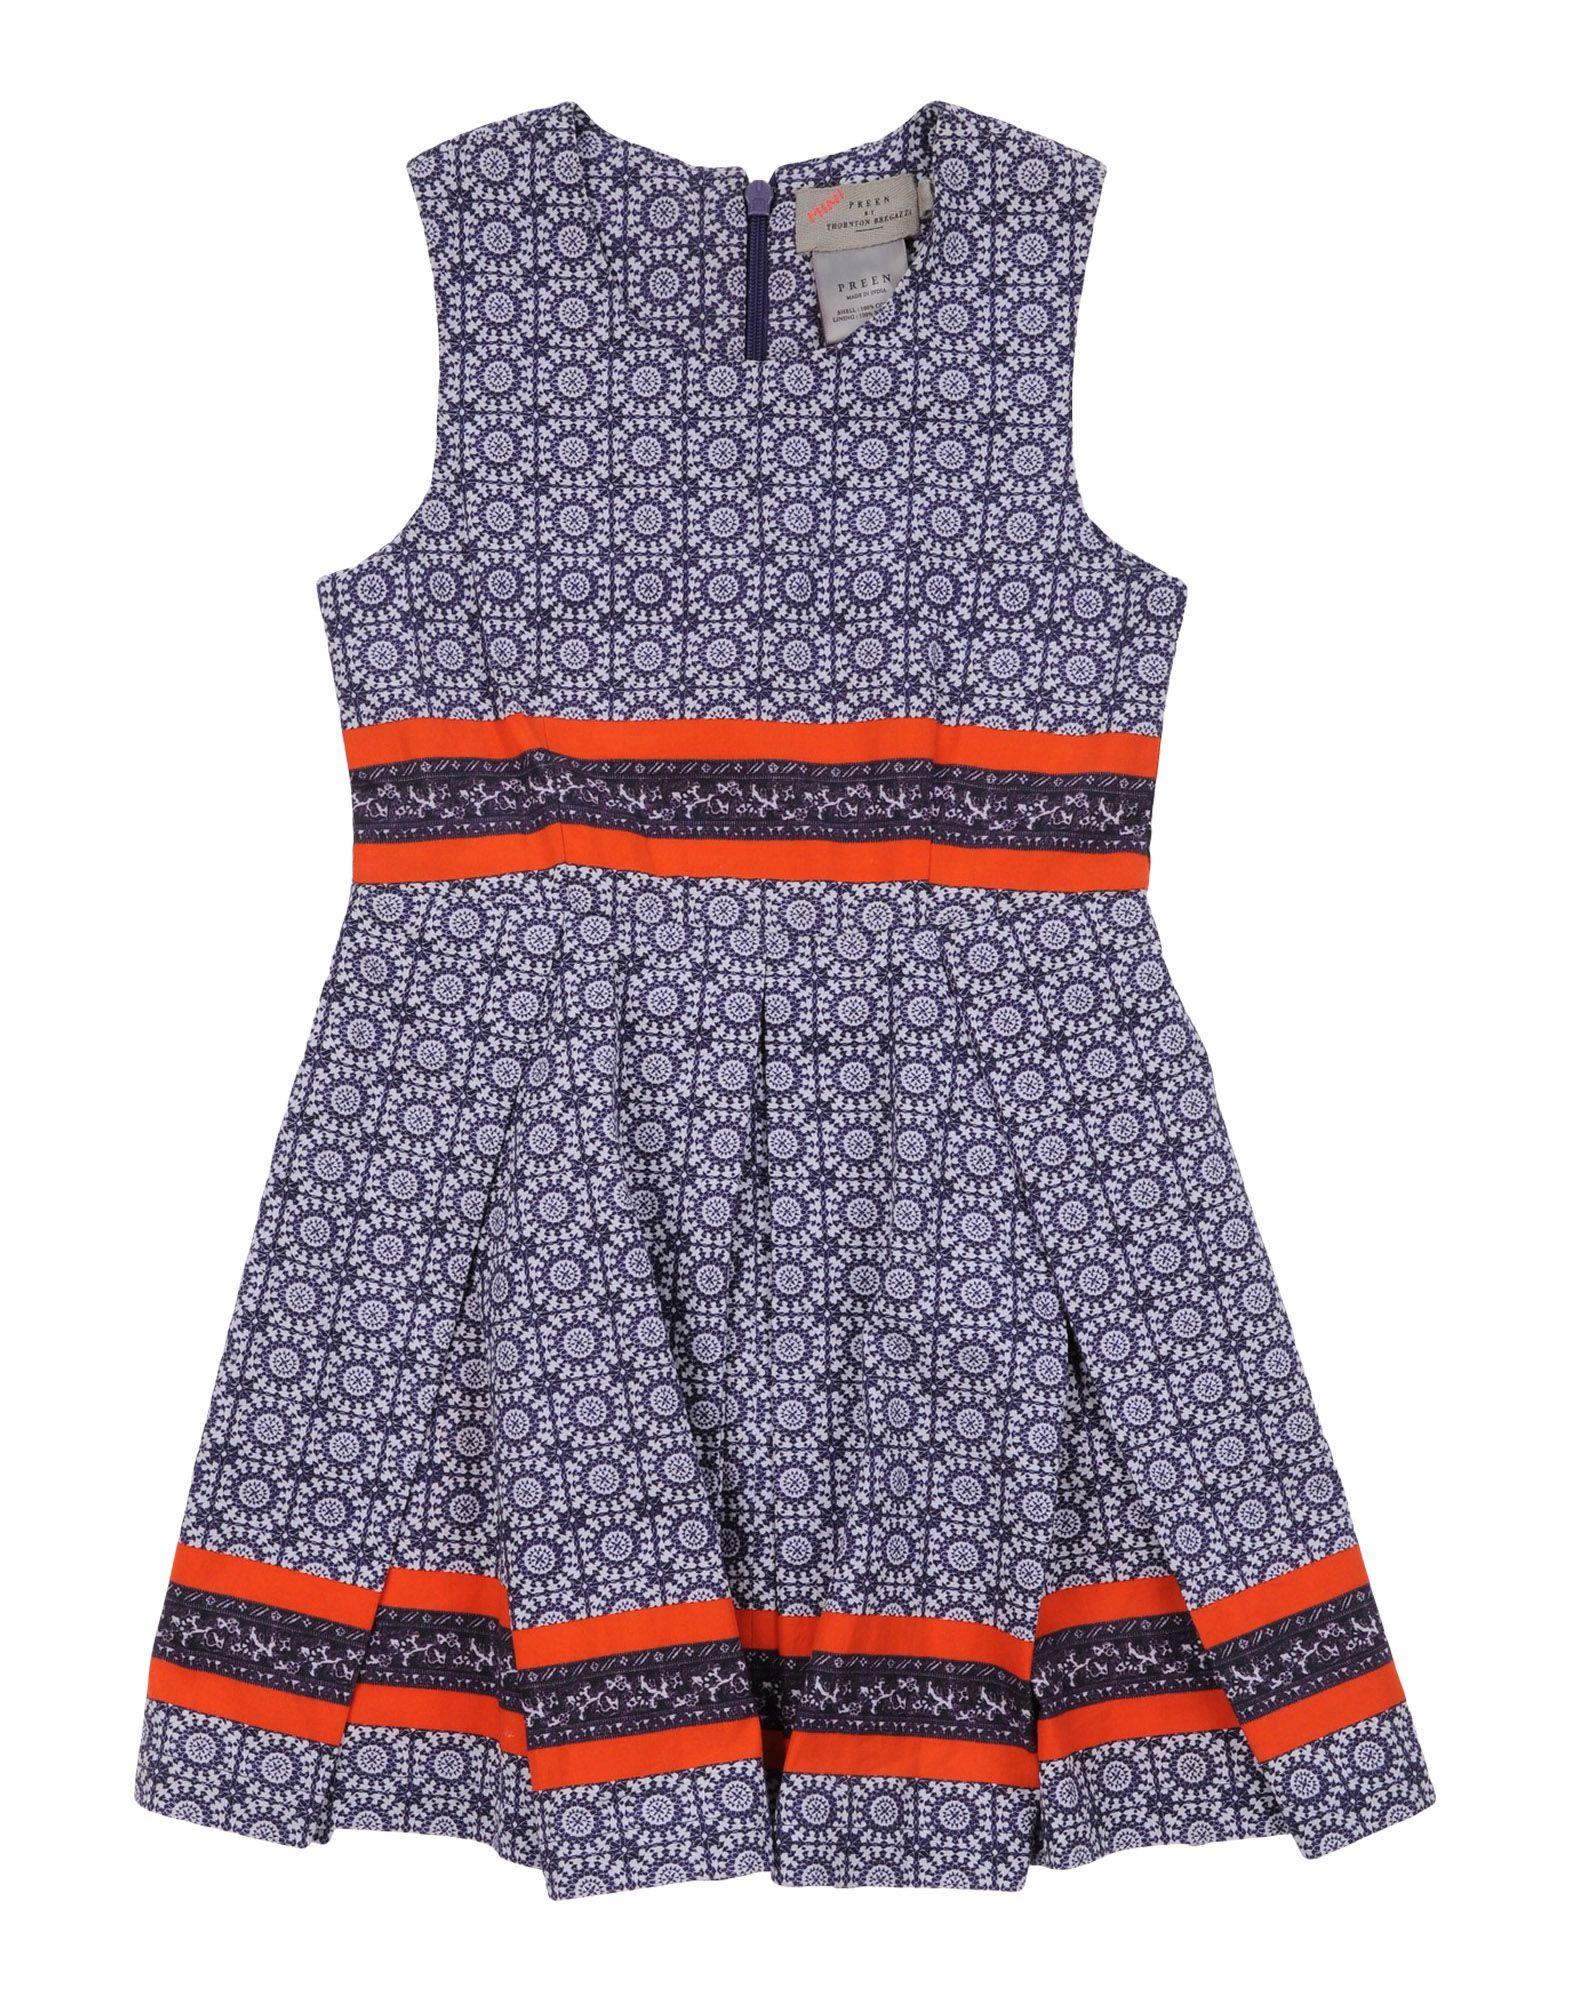 PREEN by THORNTON BREGAZZI Mädchen 0-24 monate Kleid Farbe Dunkelblau Größe 10